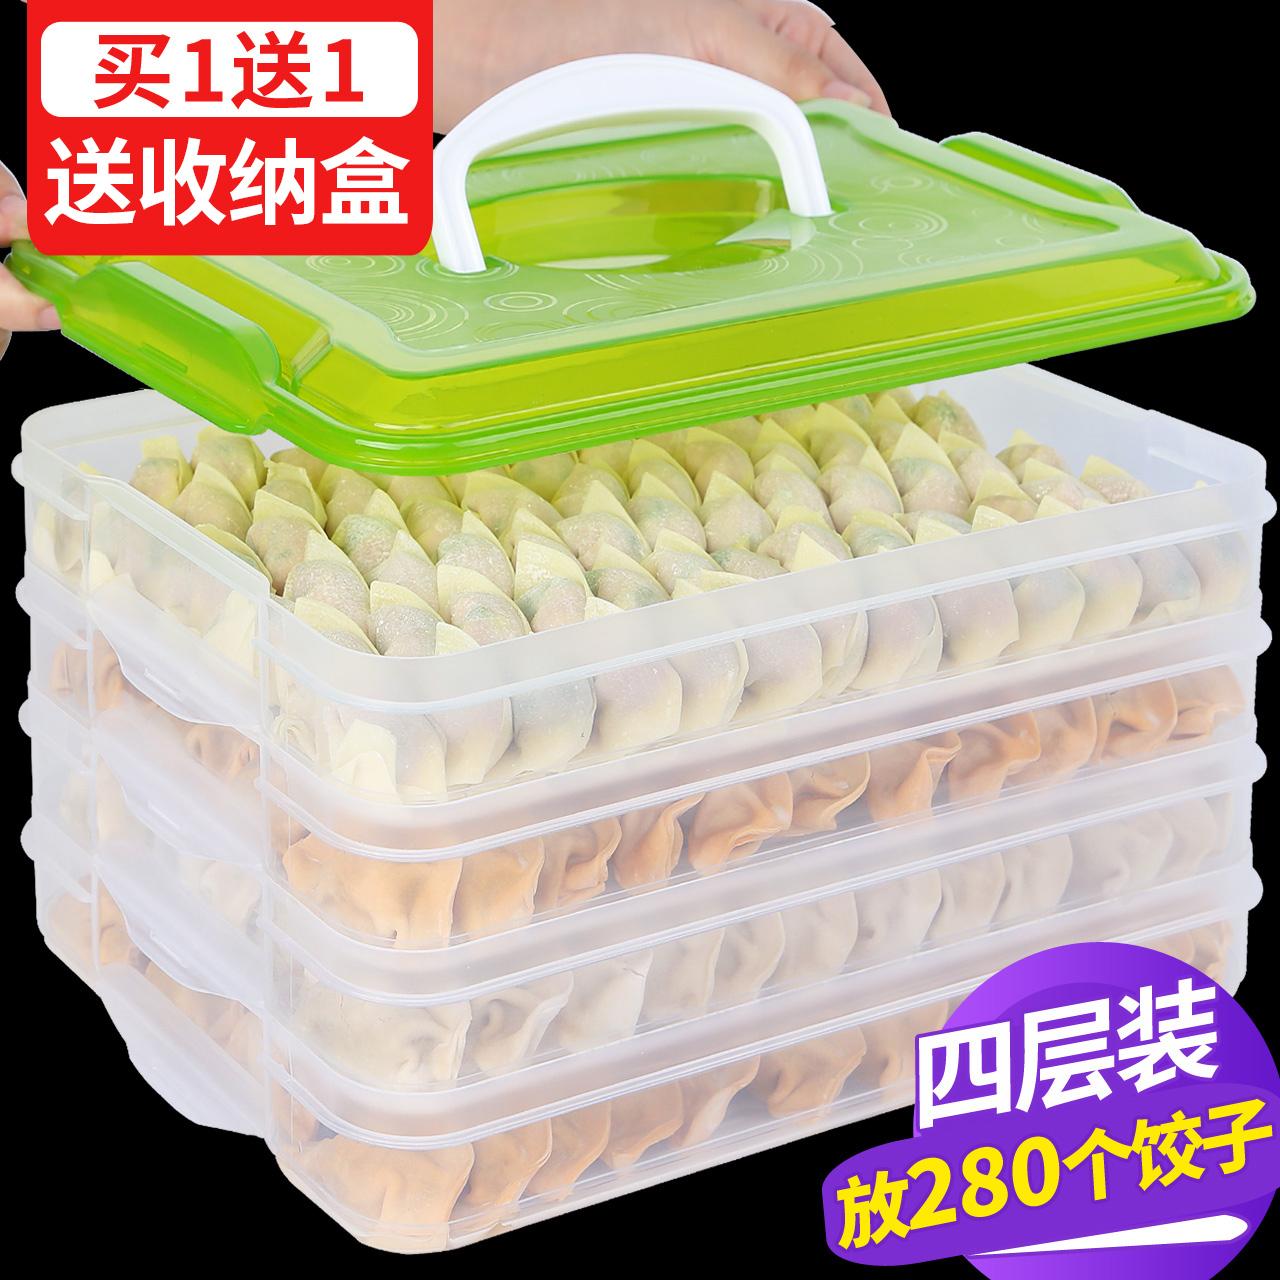 饺子盒 冻饺子 家用多层速冻水饺托盘冷冻馄饨大号冰箱保鲜收纳盒